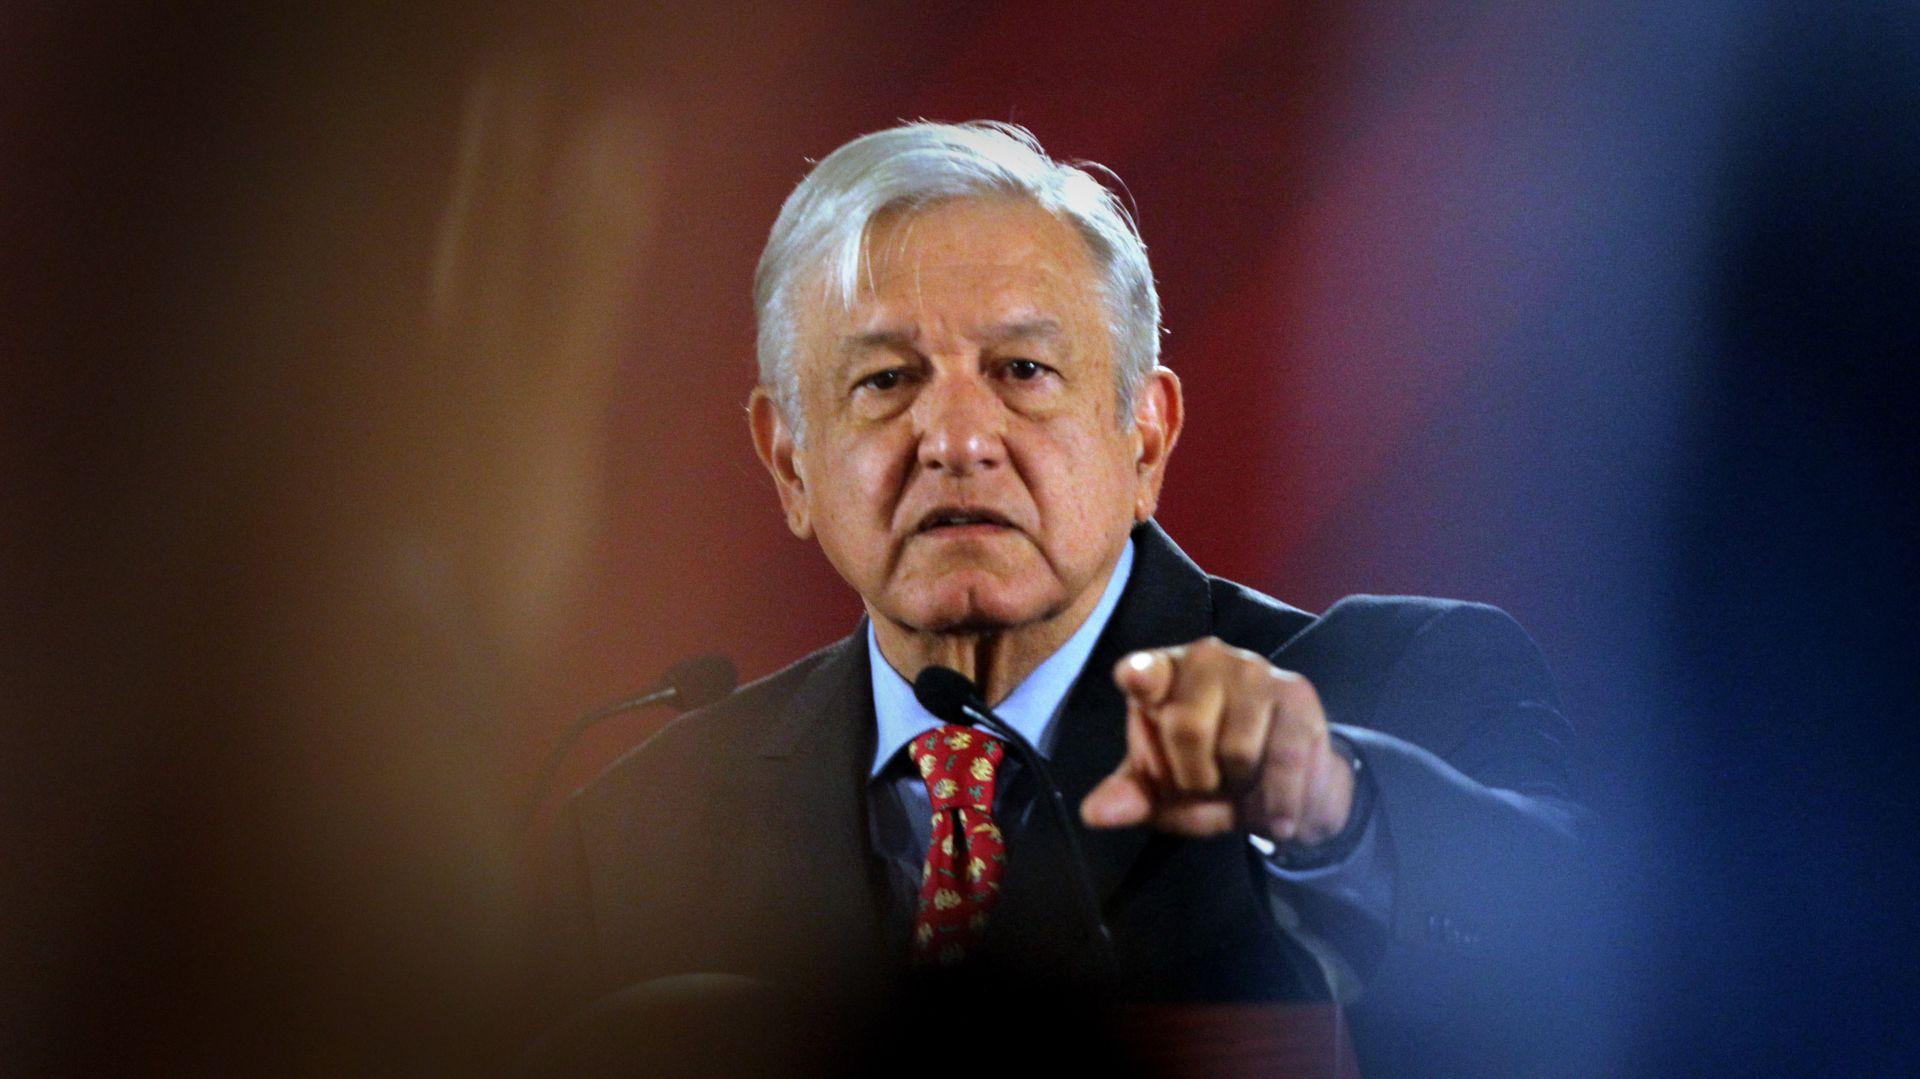 Durante el gobierno de Andrés Manuel López Obrador 77% de los contratos del gobierno con el sector privado han sido a través de adjudicación directa(Foto: EFE)